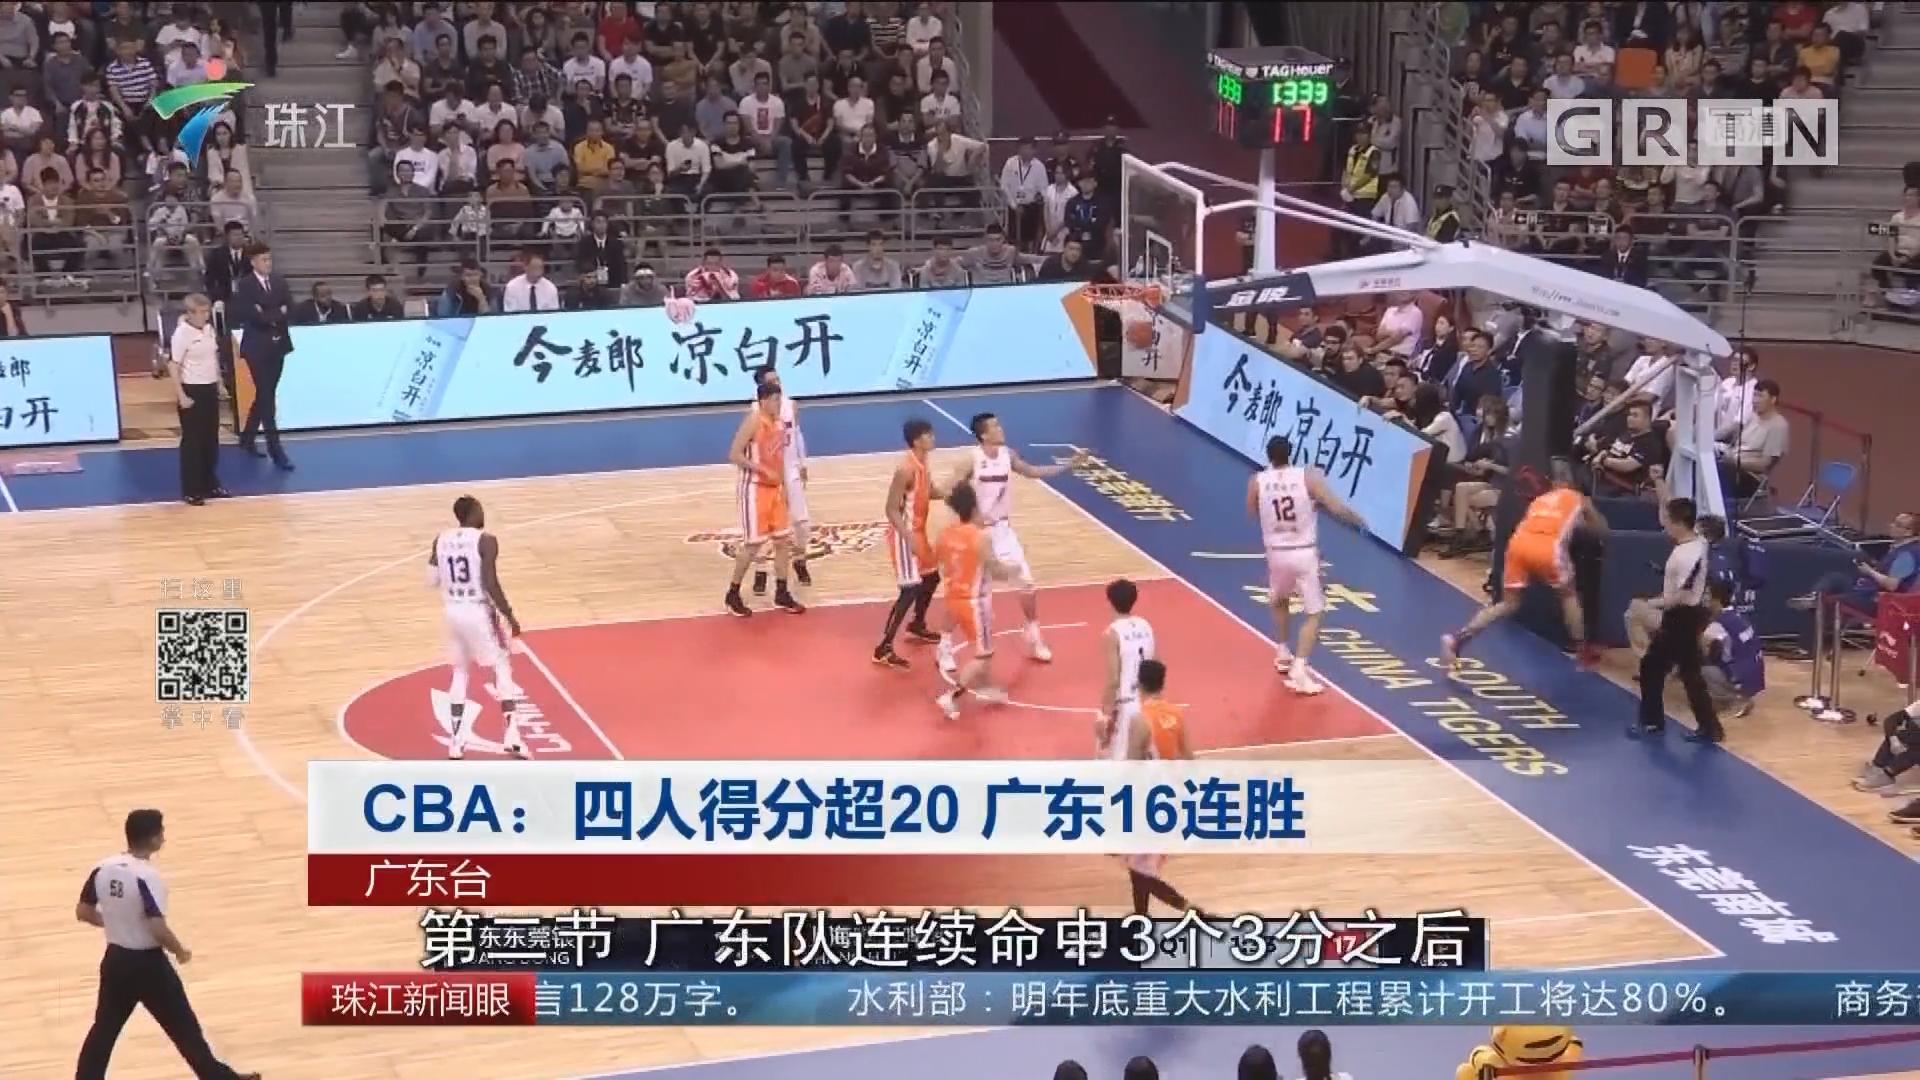 CBA:四人得分超20 广东16连胜